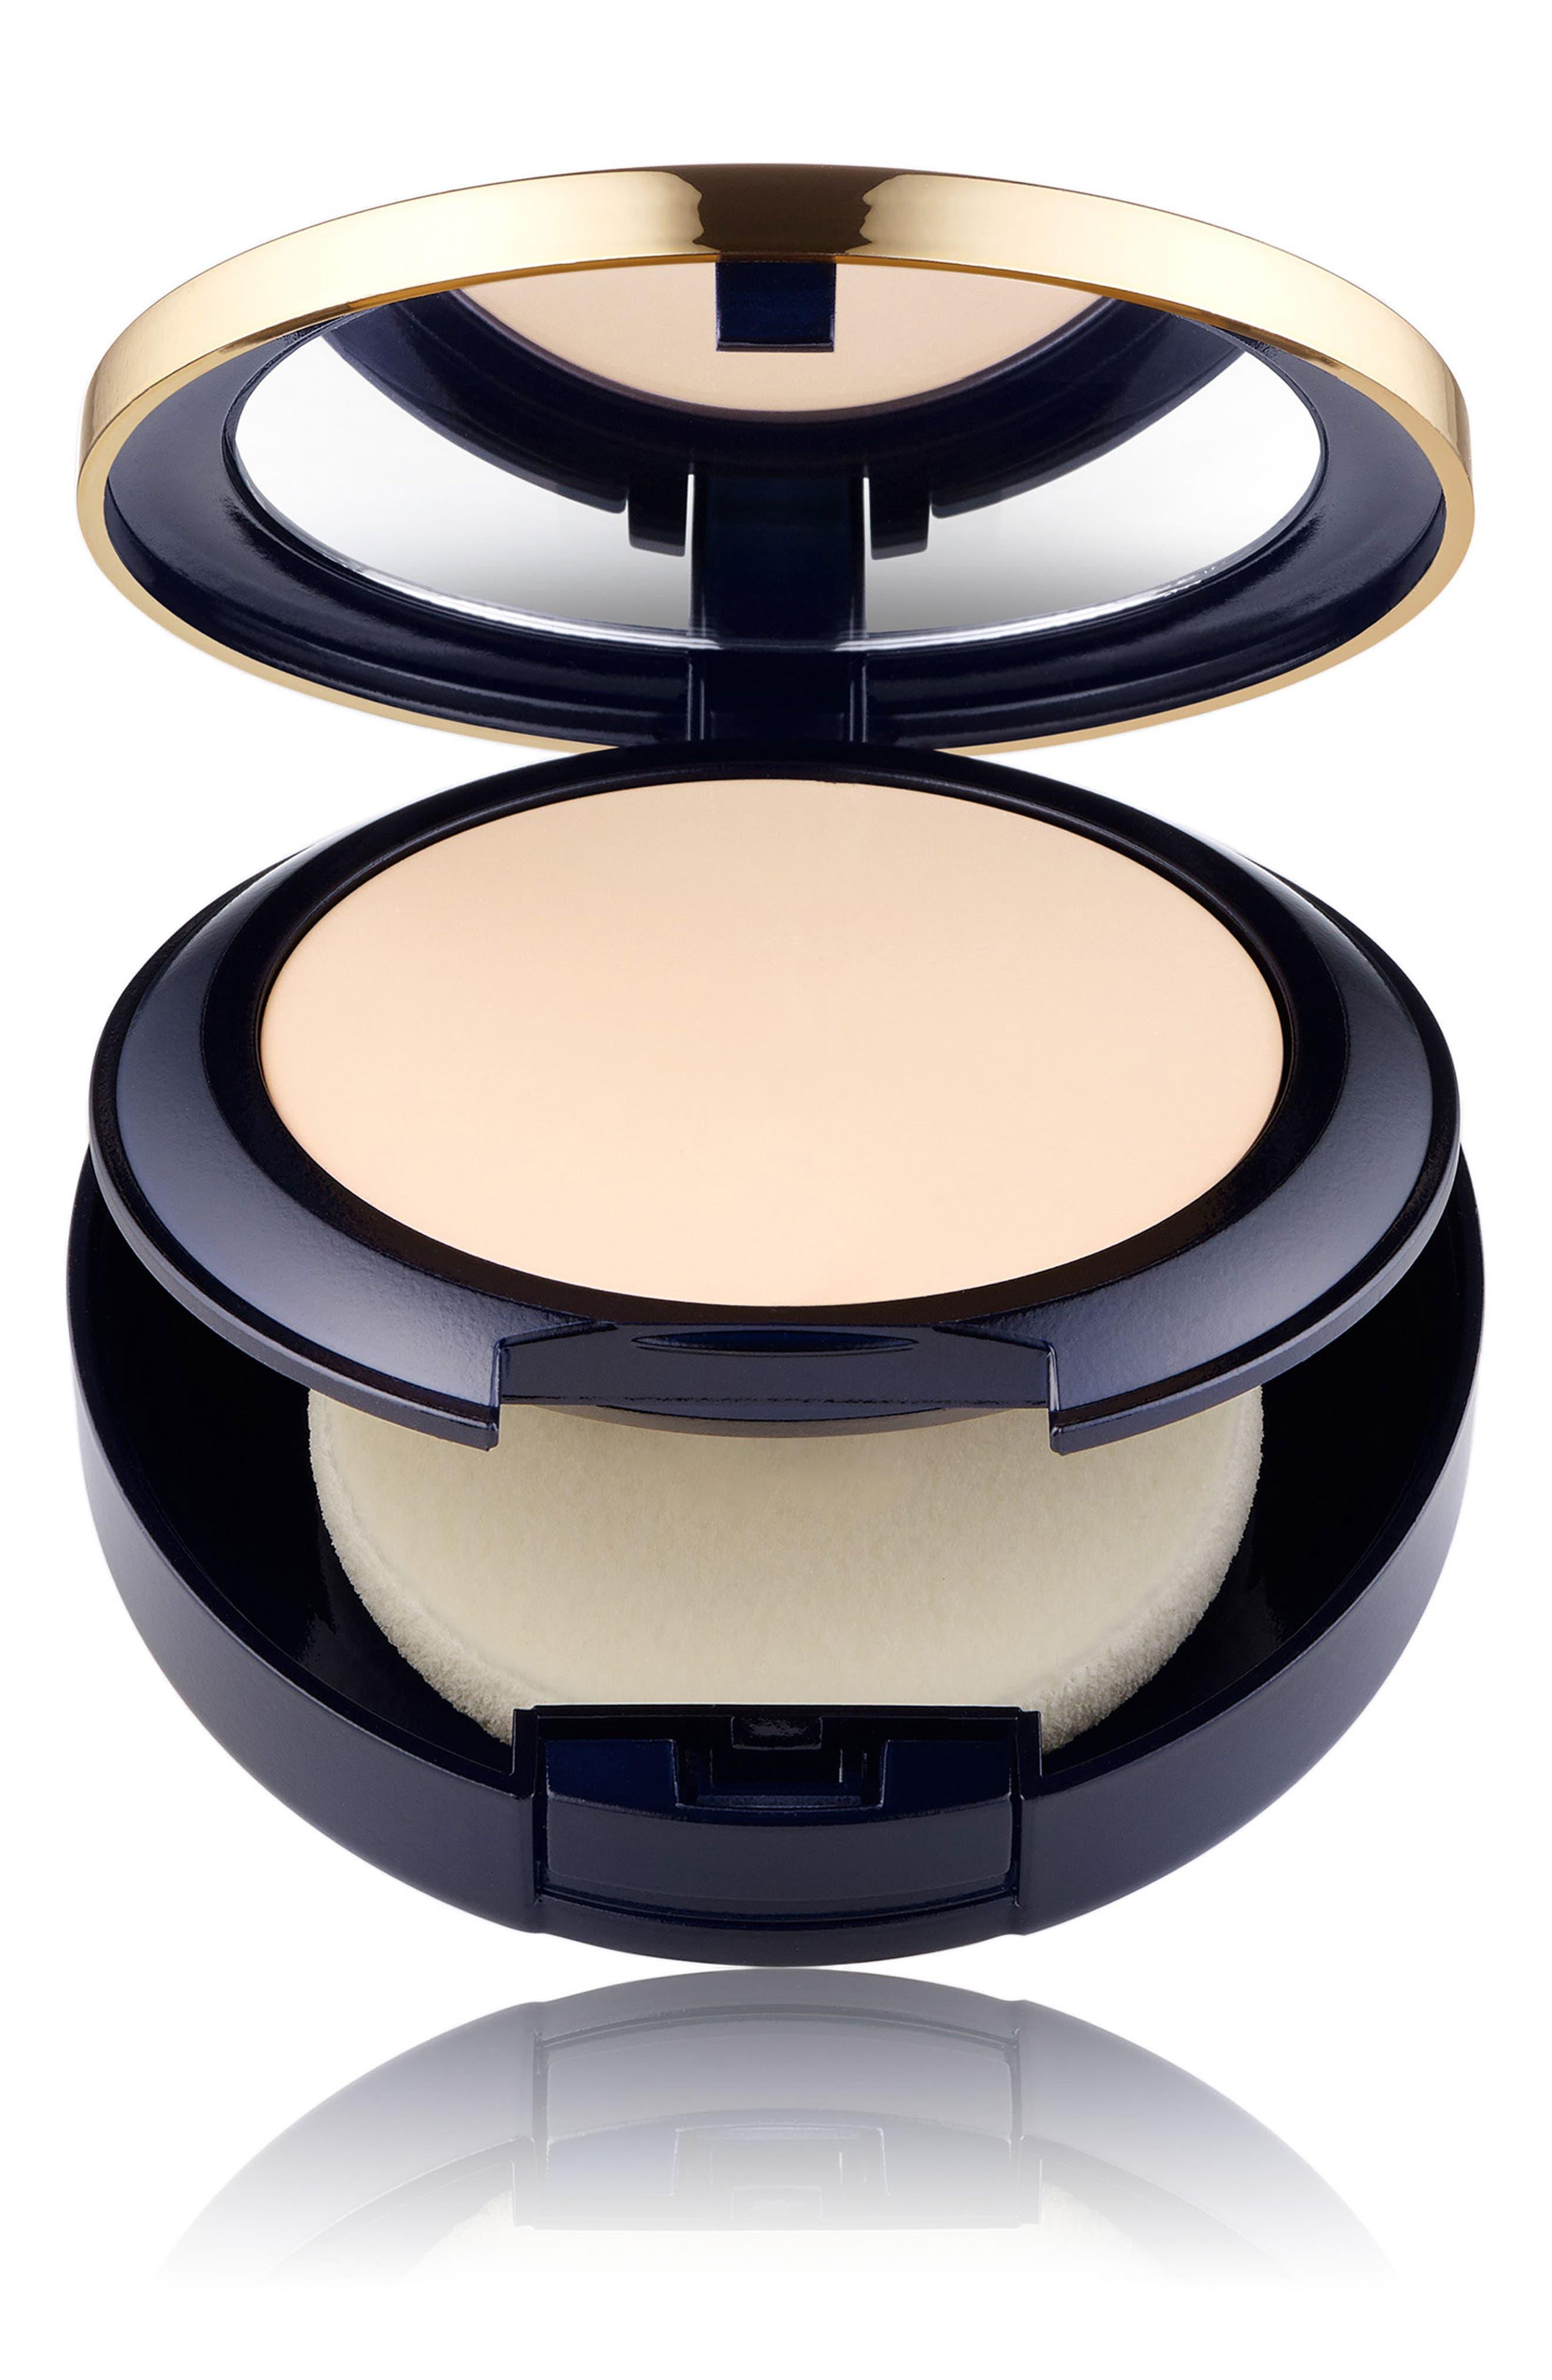 Estee Lauder Double Wear Stay In Place Matte Powder Foundation - 1N2 Ecru